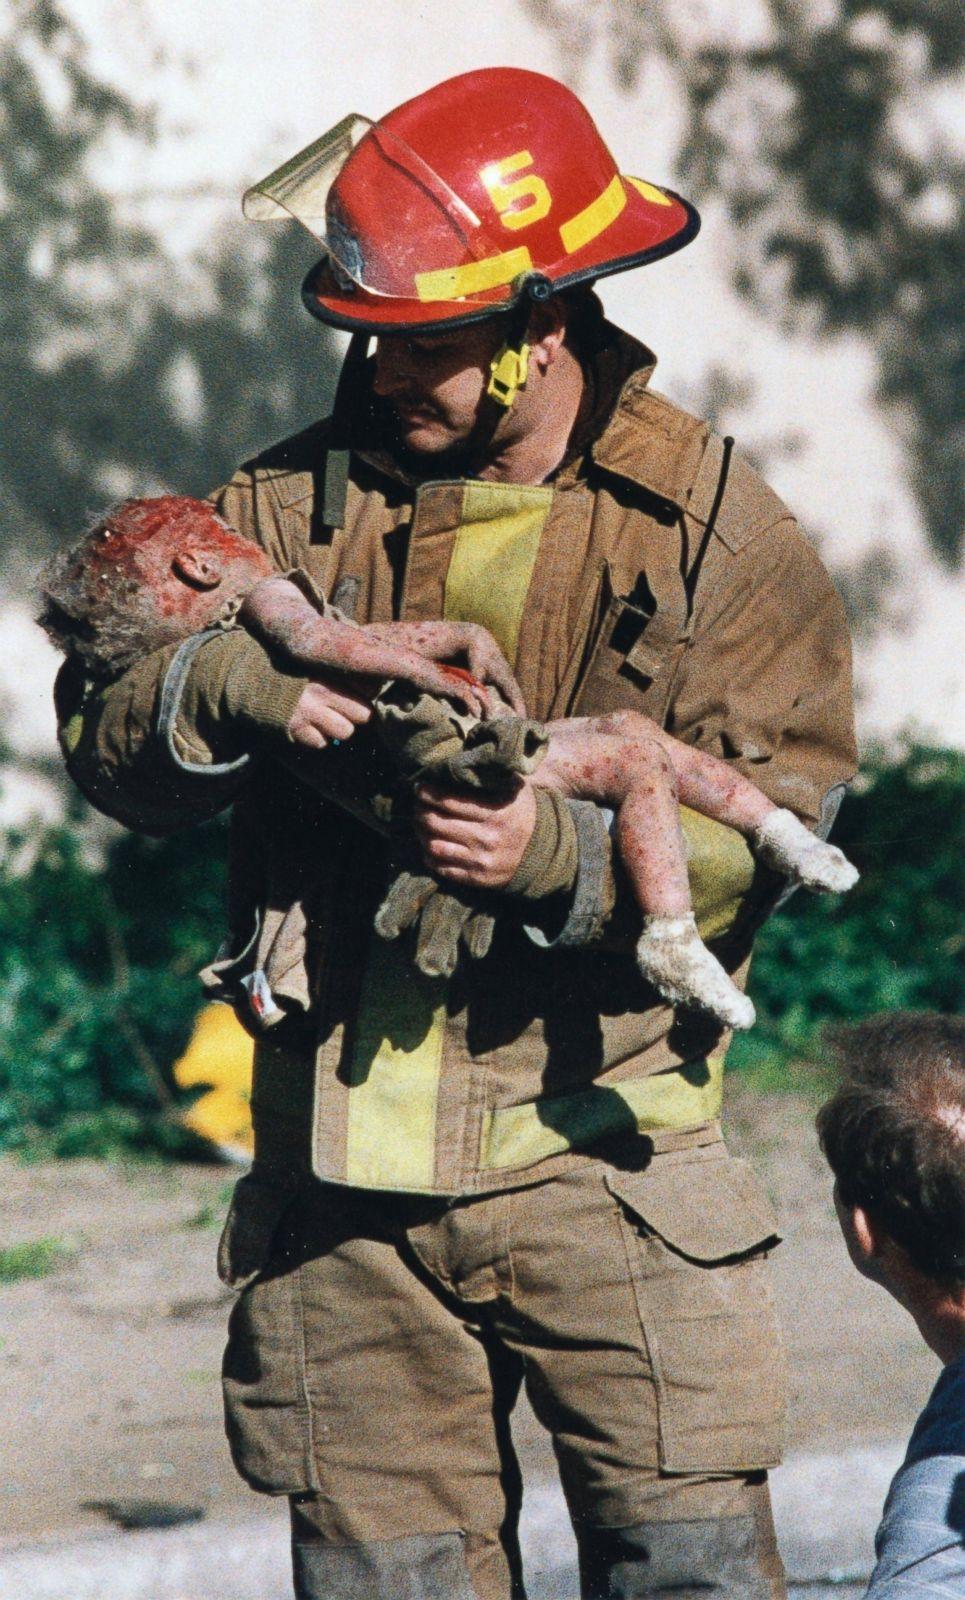 Mark Thomas Oklahoma City Bombing